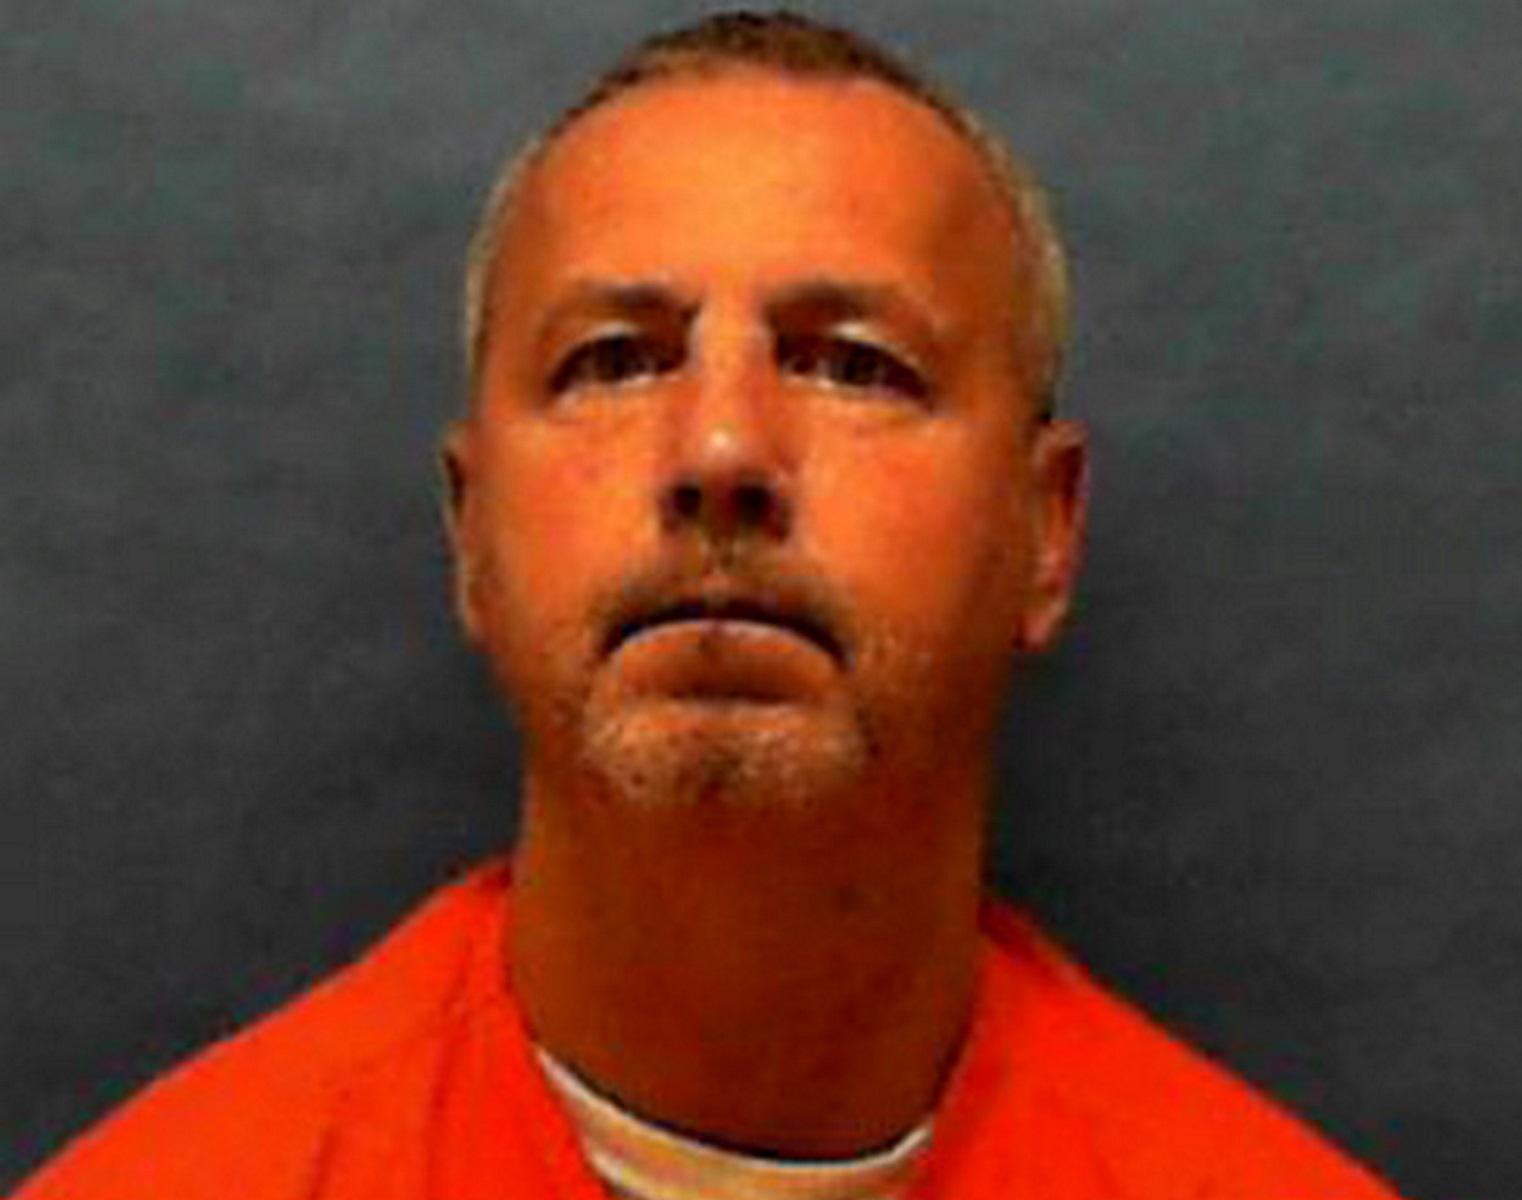 ΗΠΑ: Εκτελέστηκε 57χρονος για σειρά δολοφονιών ομοφυλόφιλων ανδρών το 1994